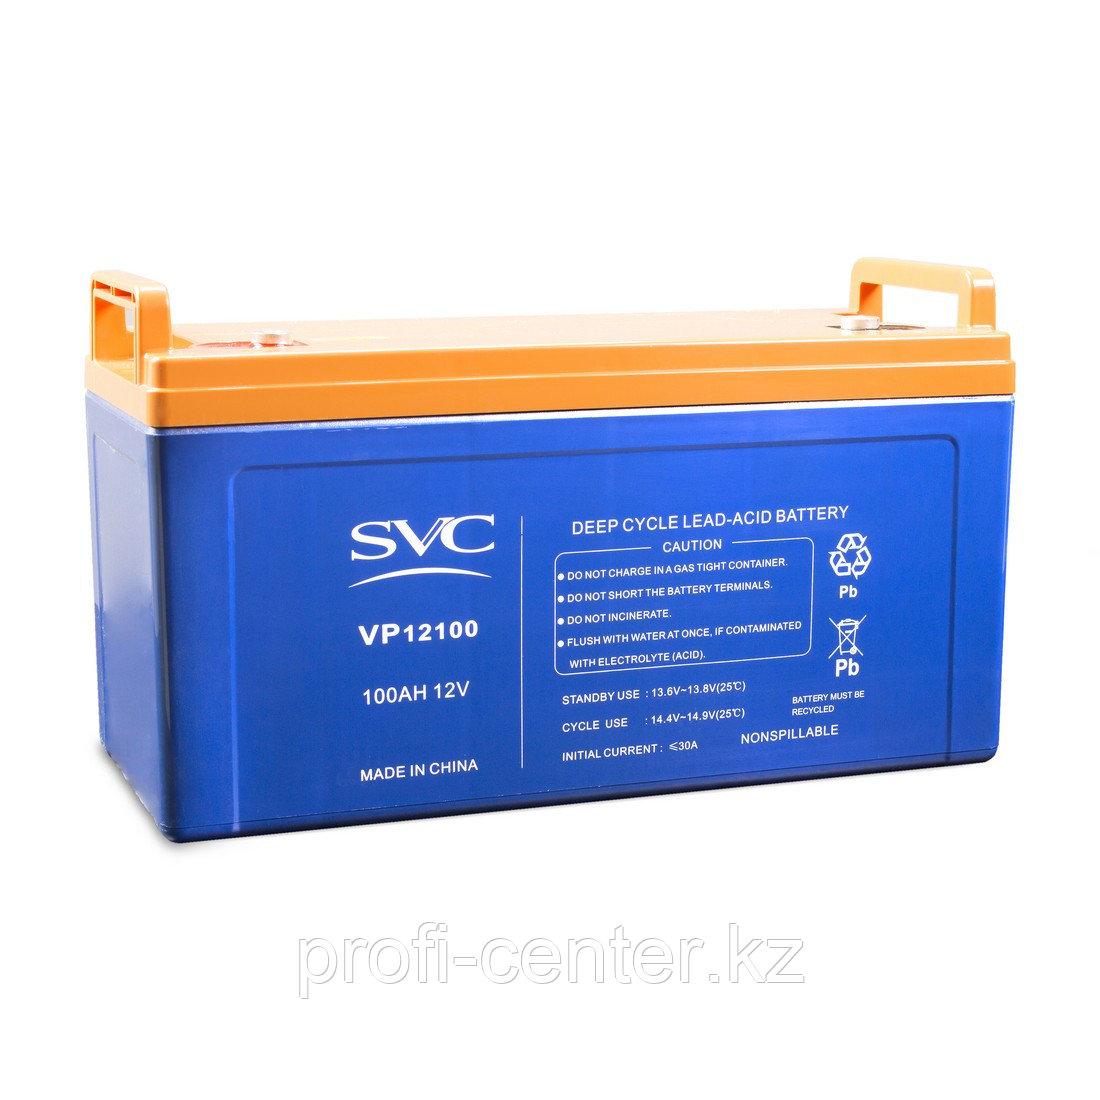 Аккумуляторная батарея SVC VP12100 12В 100 Ач